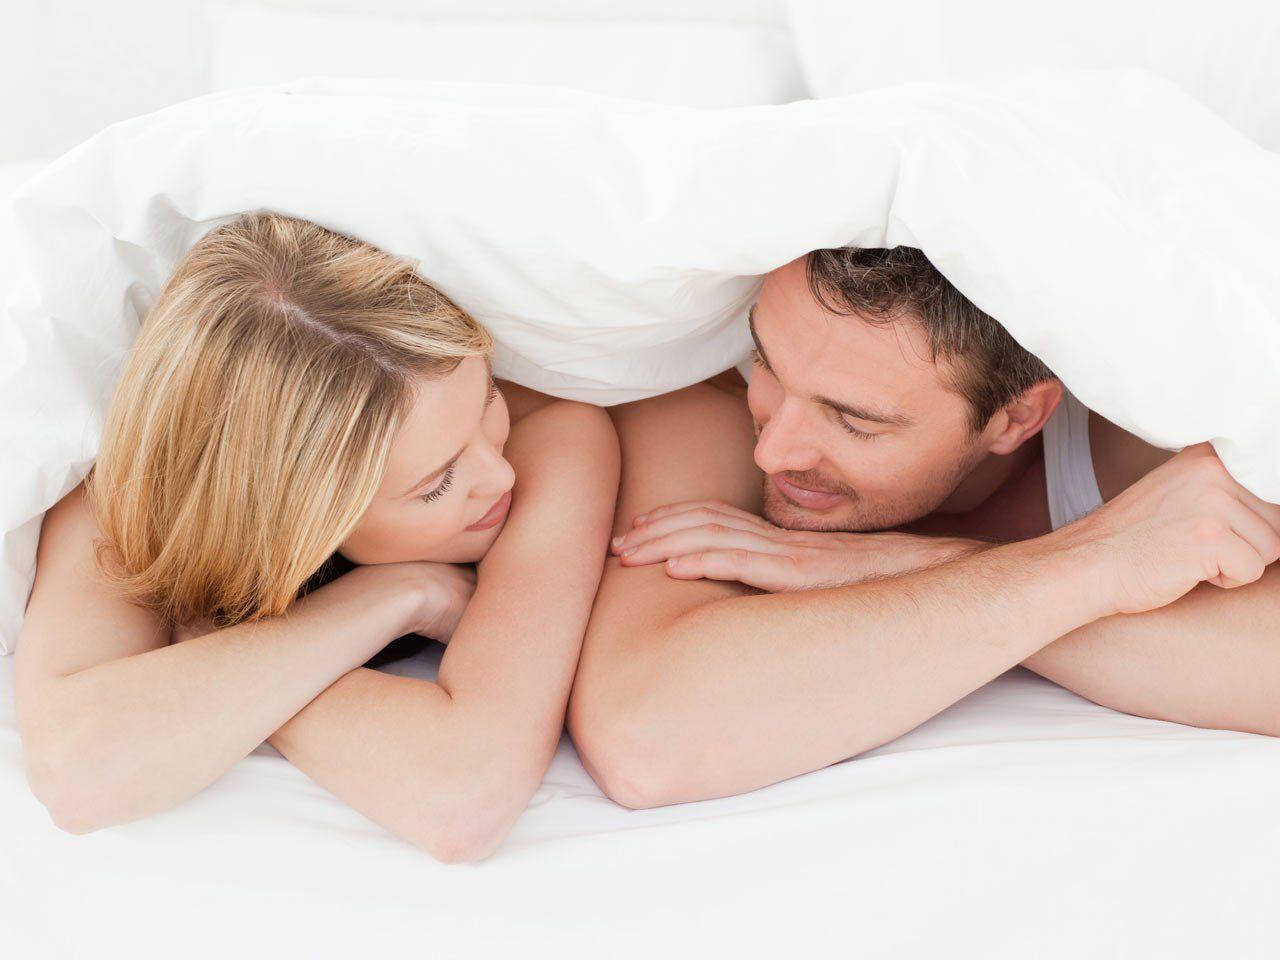 Красивый секс с двумя парнями / Групповой секс